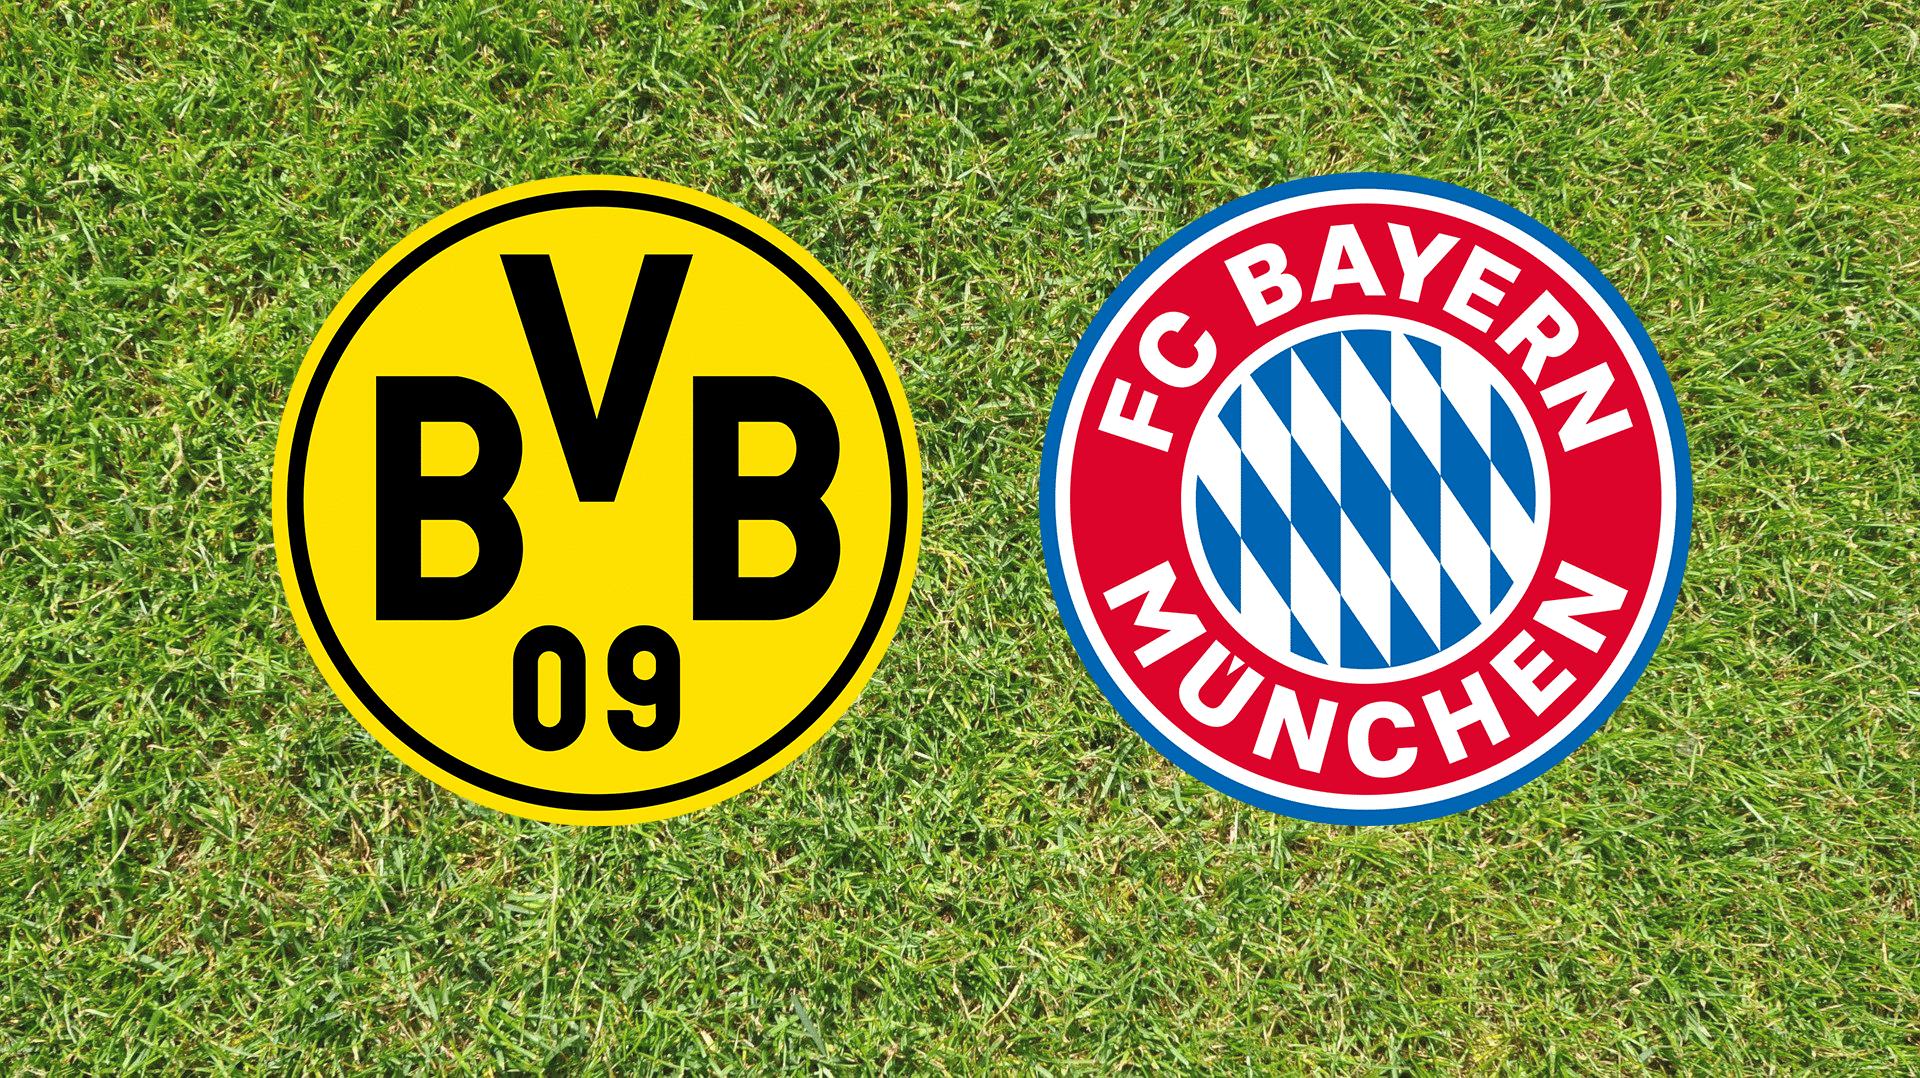 Bvb Bayern Tv